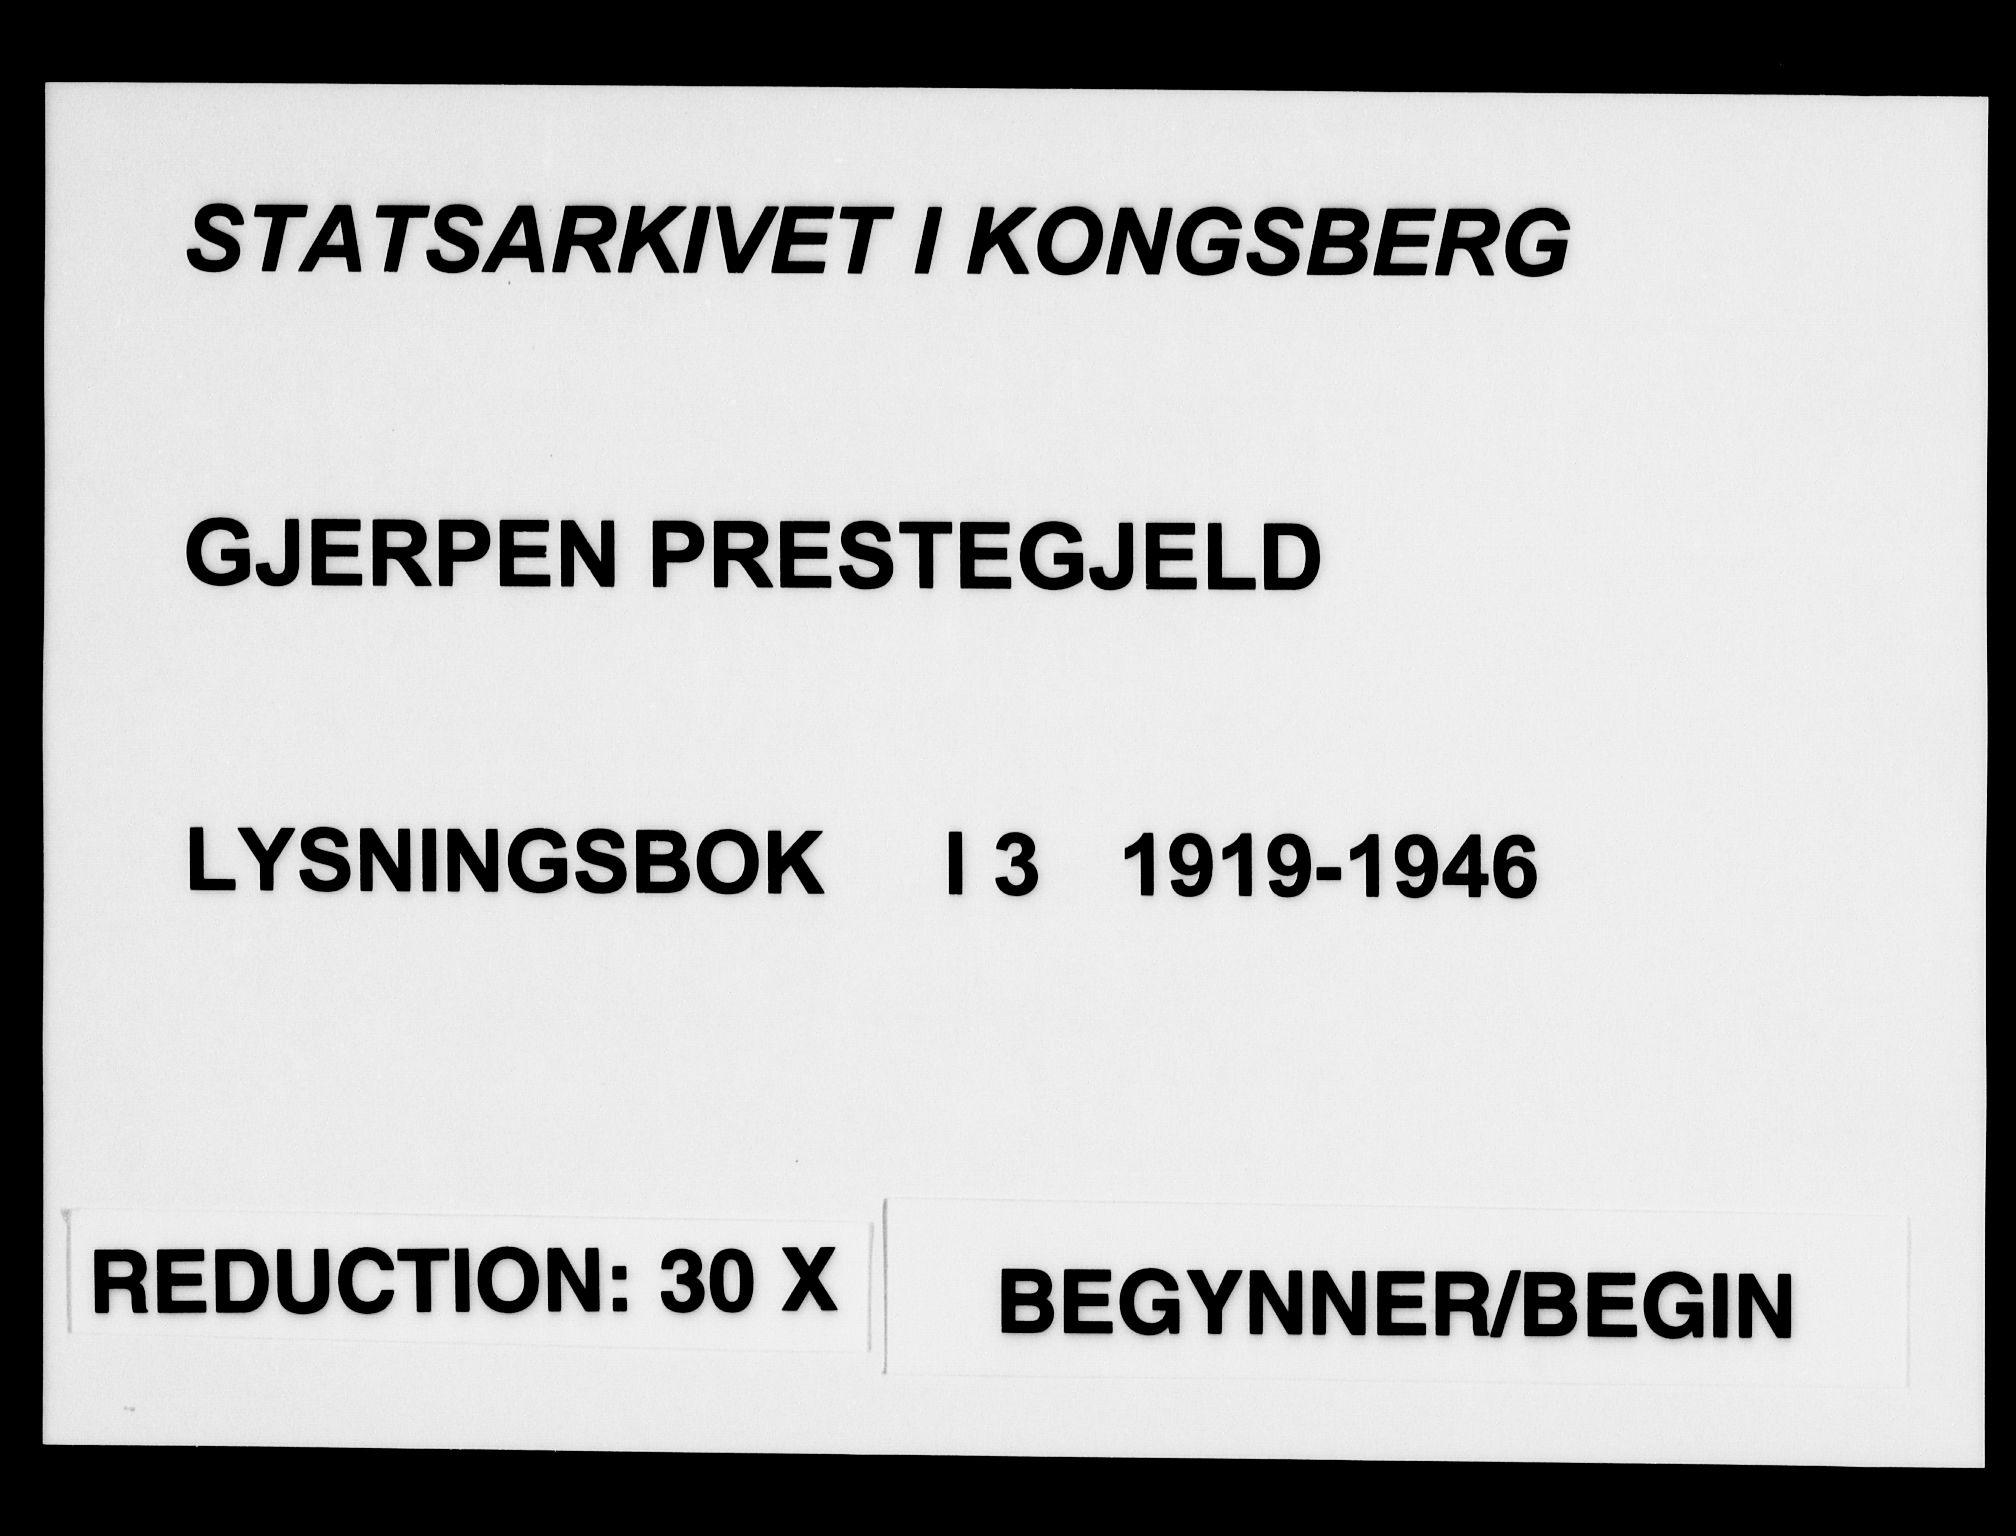 SAKO, Gjerpen kirkebøker, H/Ha/L0003: Lysningsprotokoll nr. I 3, 1919-1946